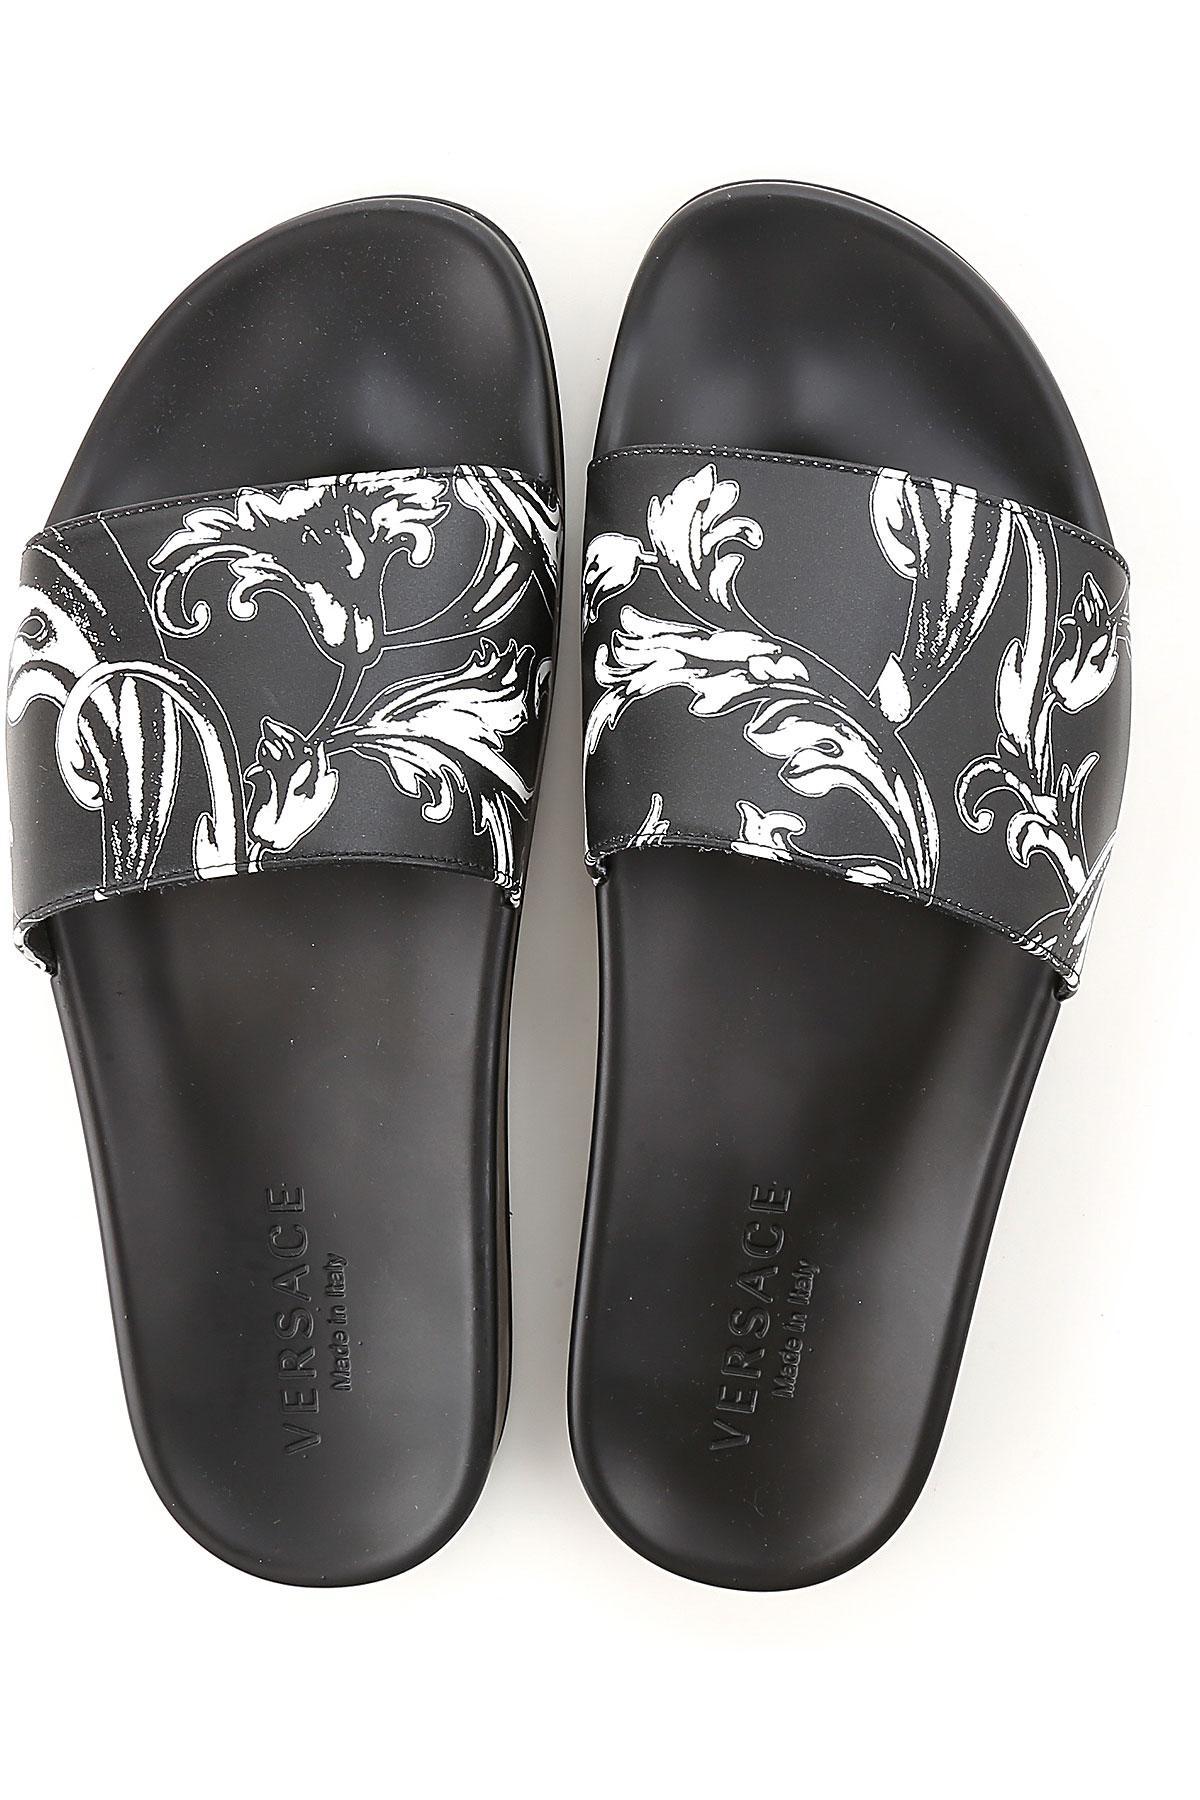 Versace - Black Sandale Homme for Men - Lyst. Afficher en plein écran 3da14a9ab40